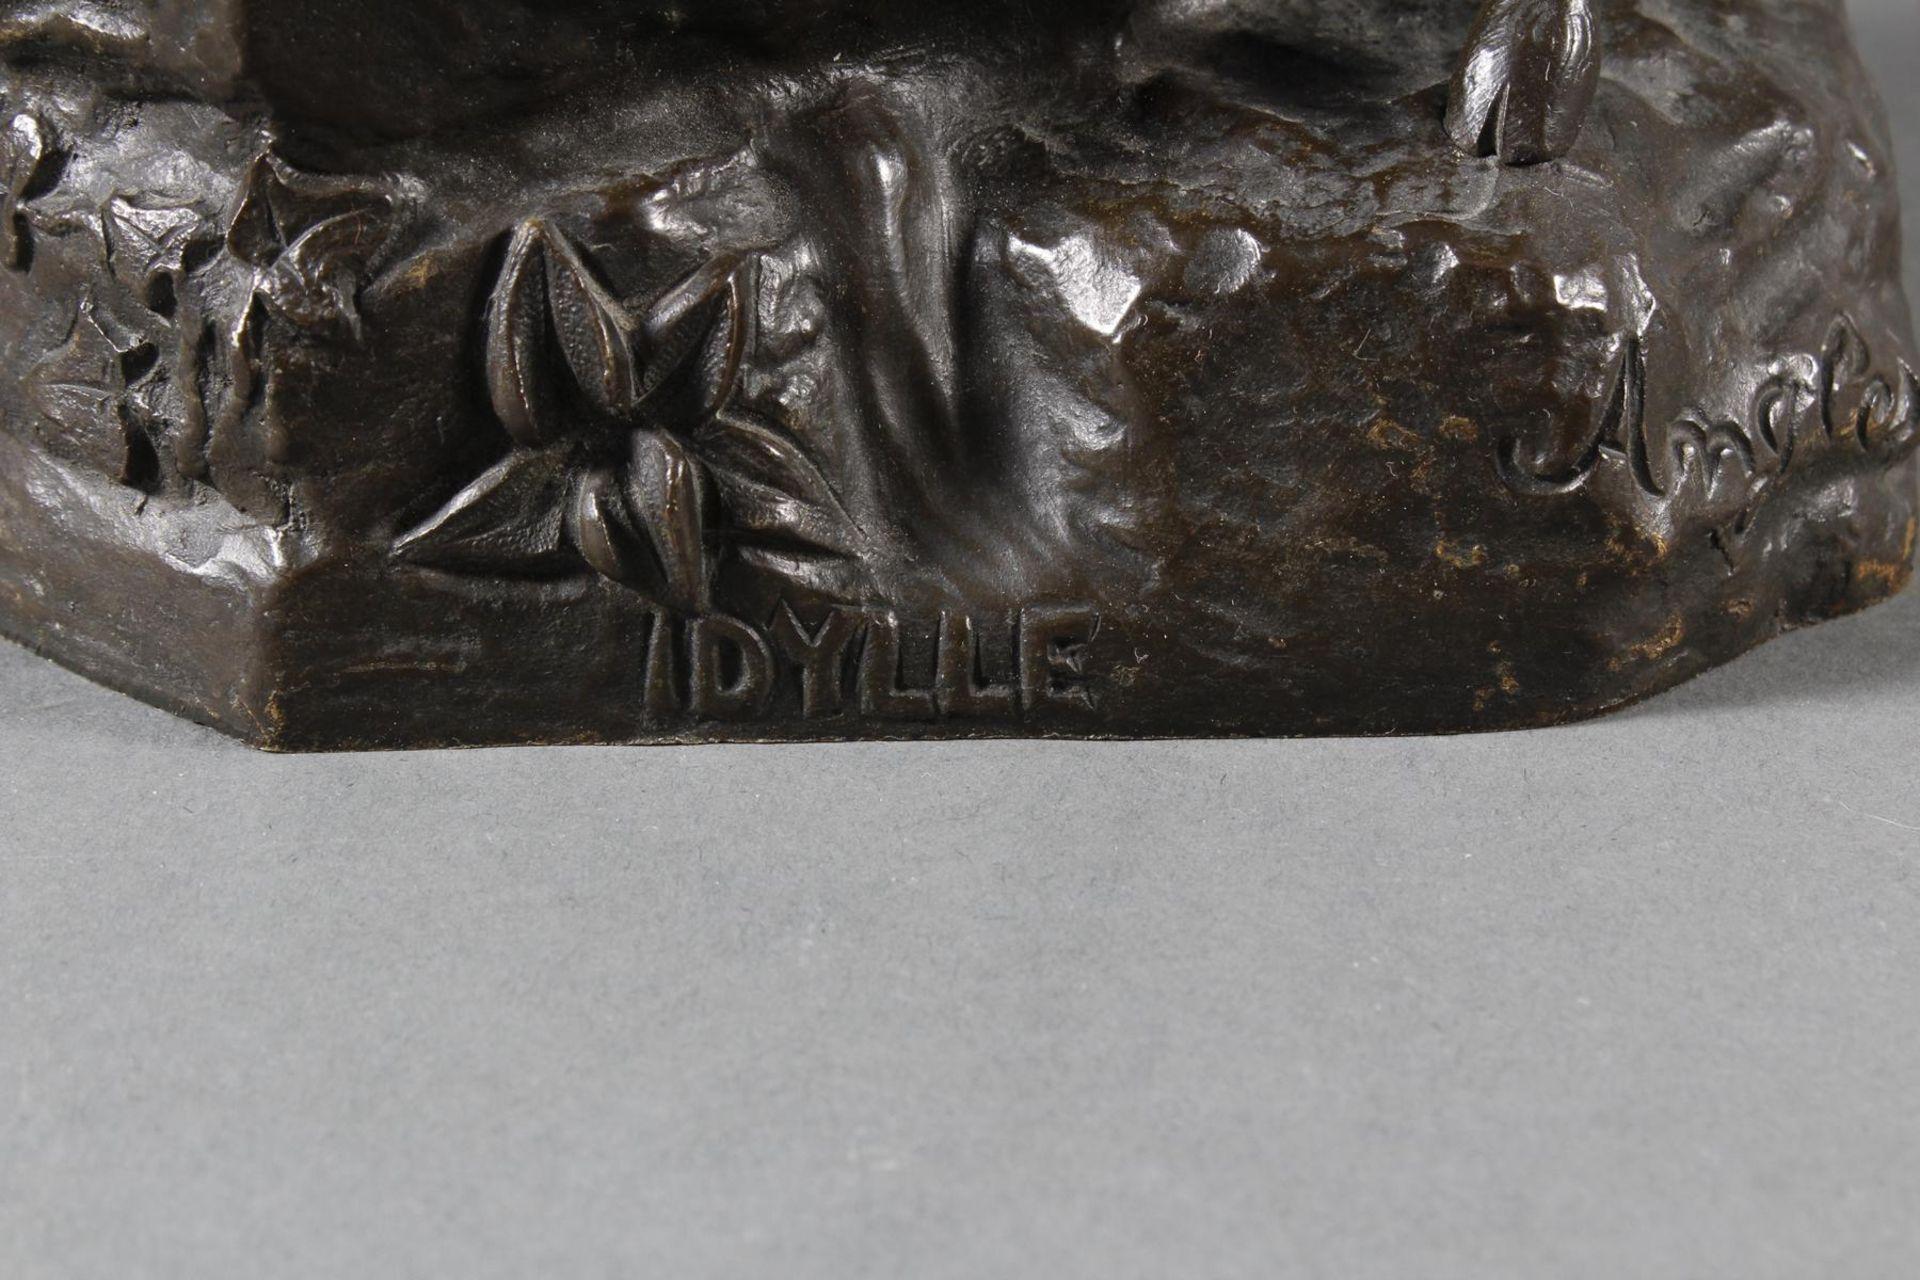 """Jugendstil Bronze """"Idylle"""" Frankreich um 1900 .Akt eines Flötenspielenden Hirtenjungen mit Ziege - Bild 6 aus 7"""